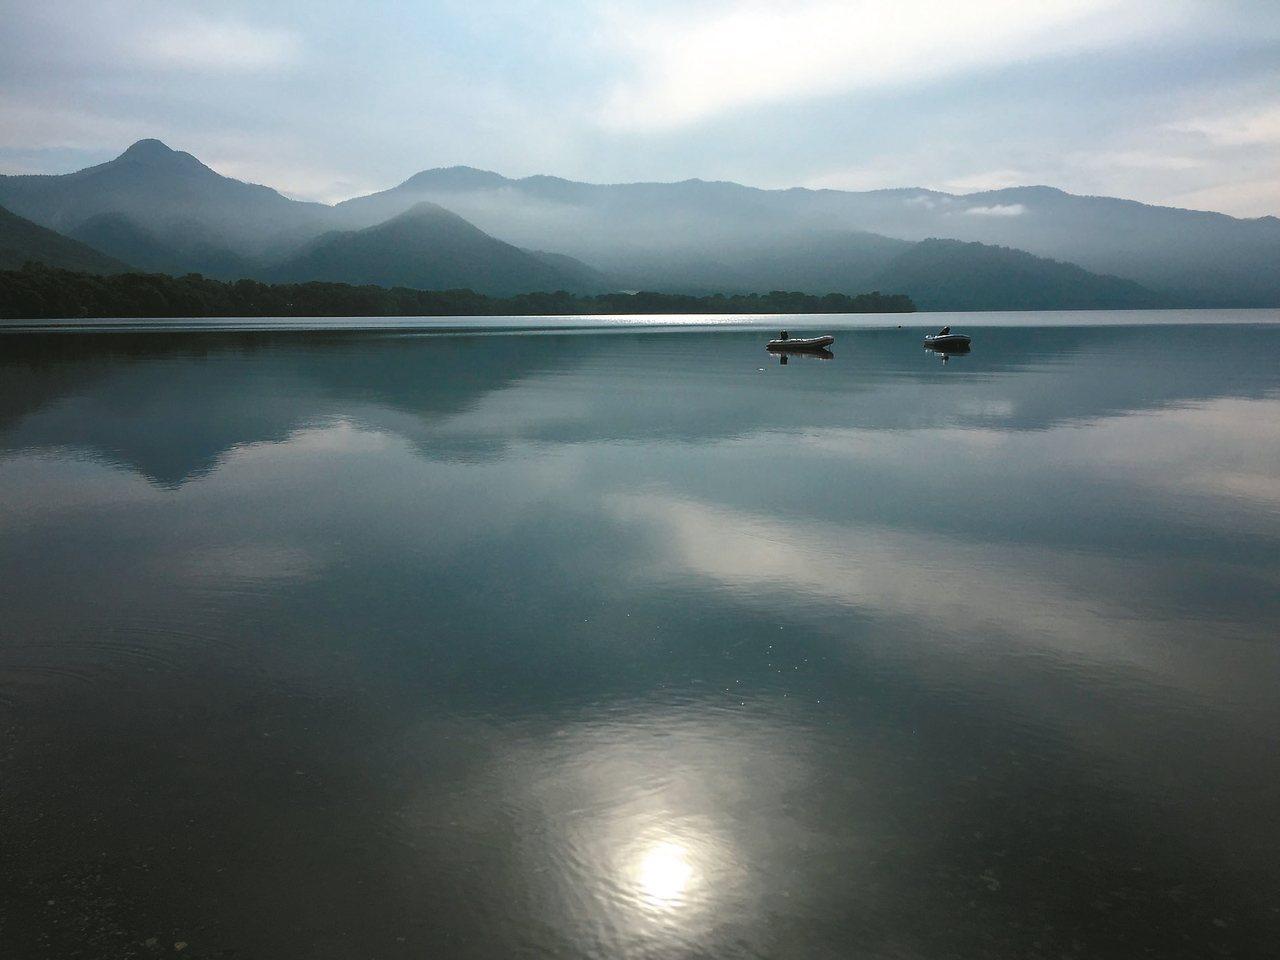 圖二:屈斜路湖霧靄迷濛。 蔣勳